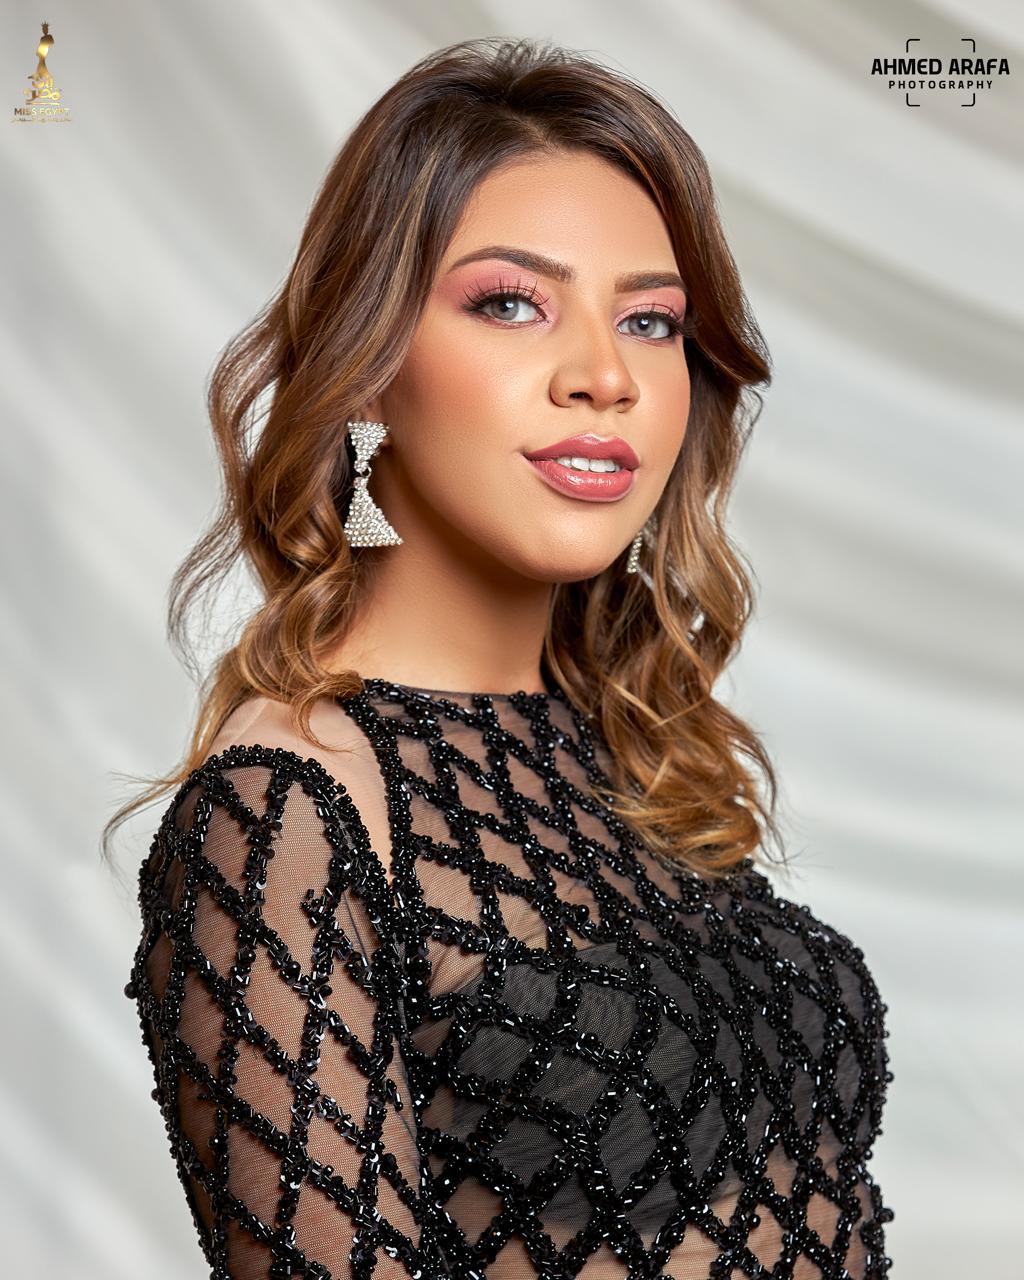 ملكة جمال مصر للسياحة والبيئة (11)